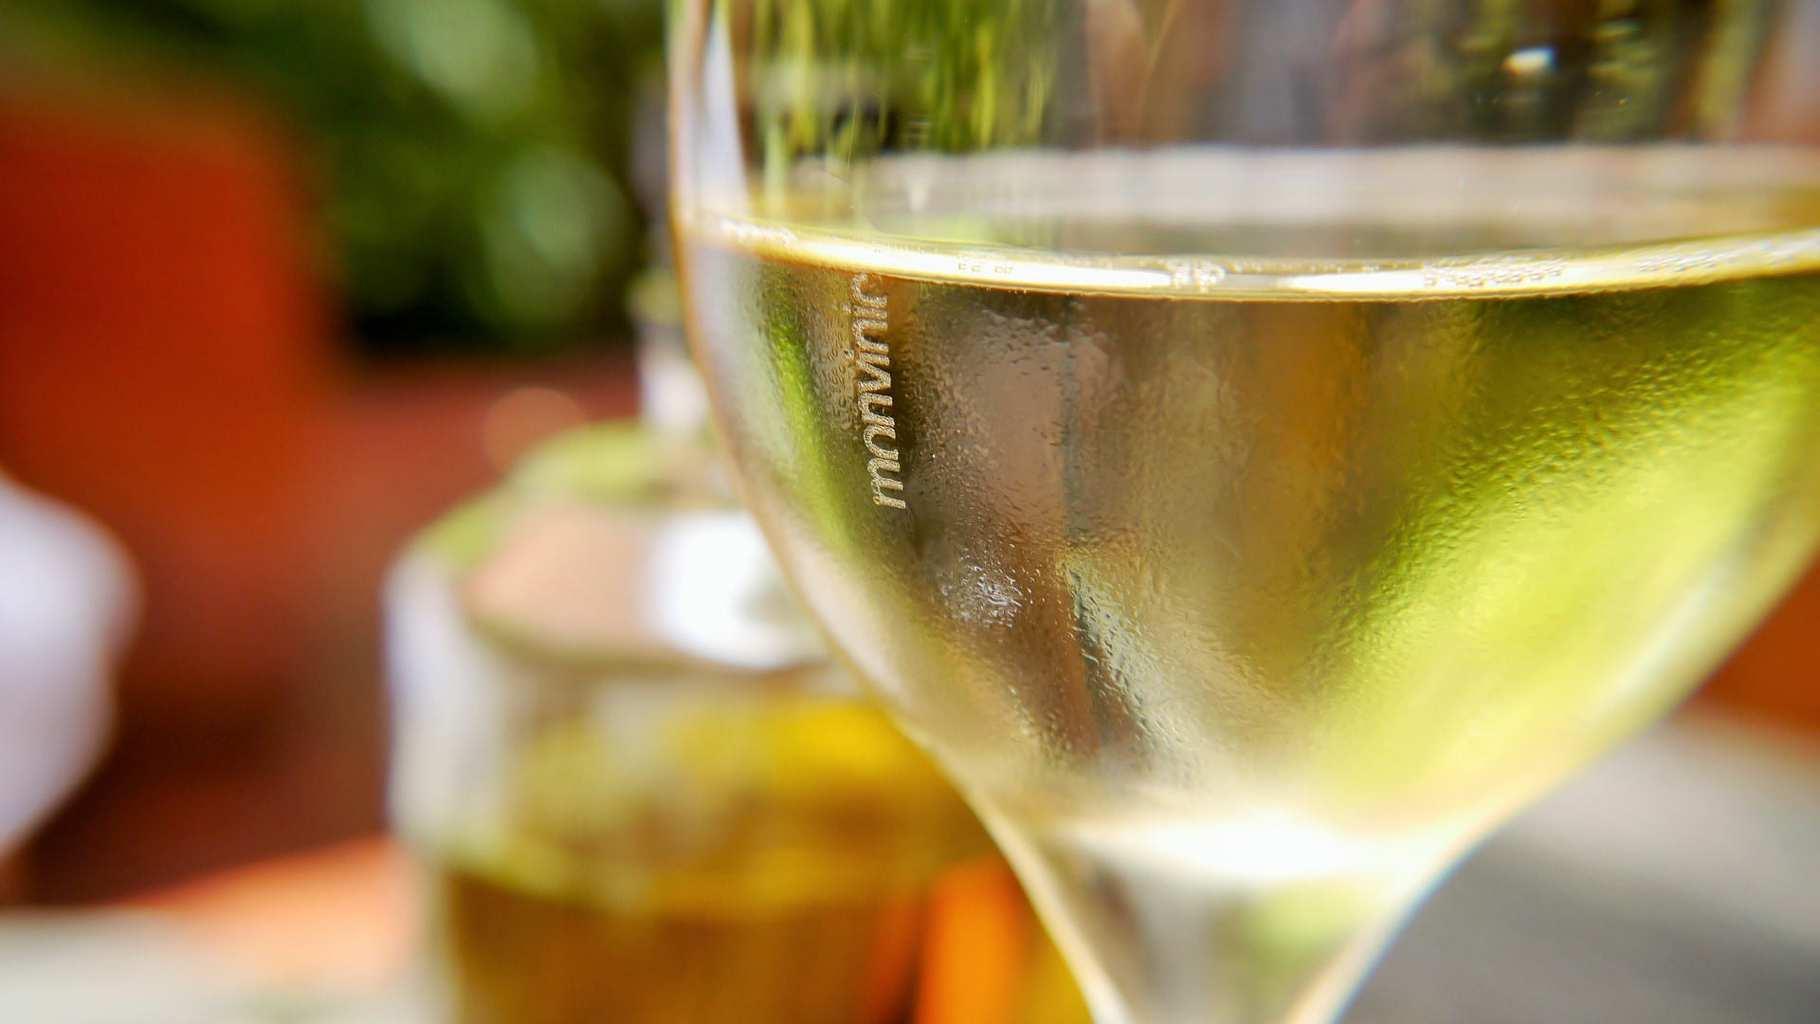 Monvinic wines